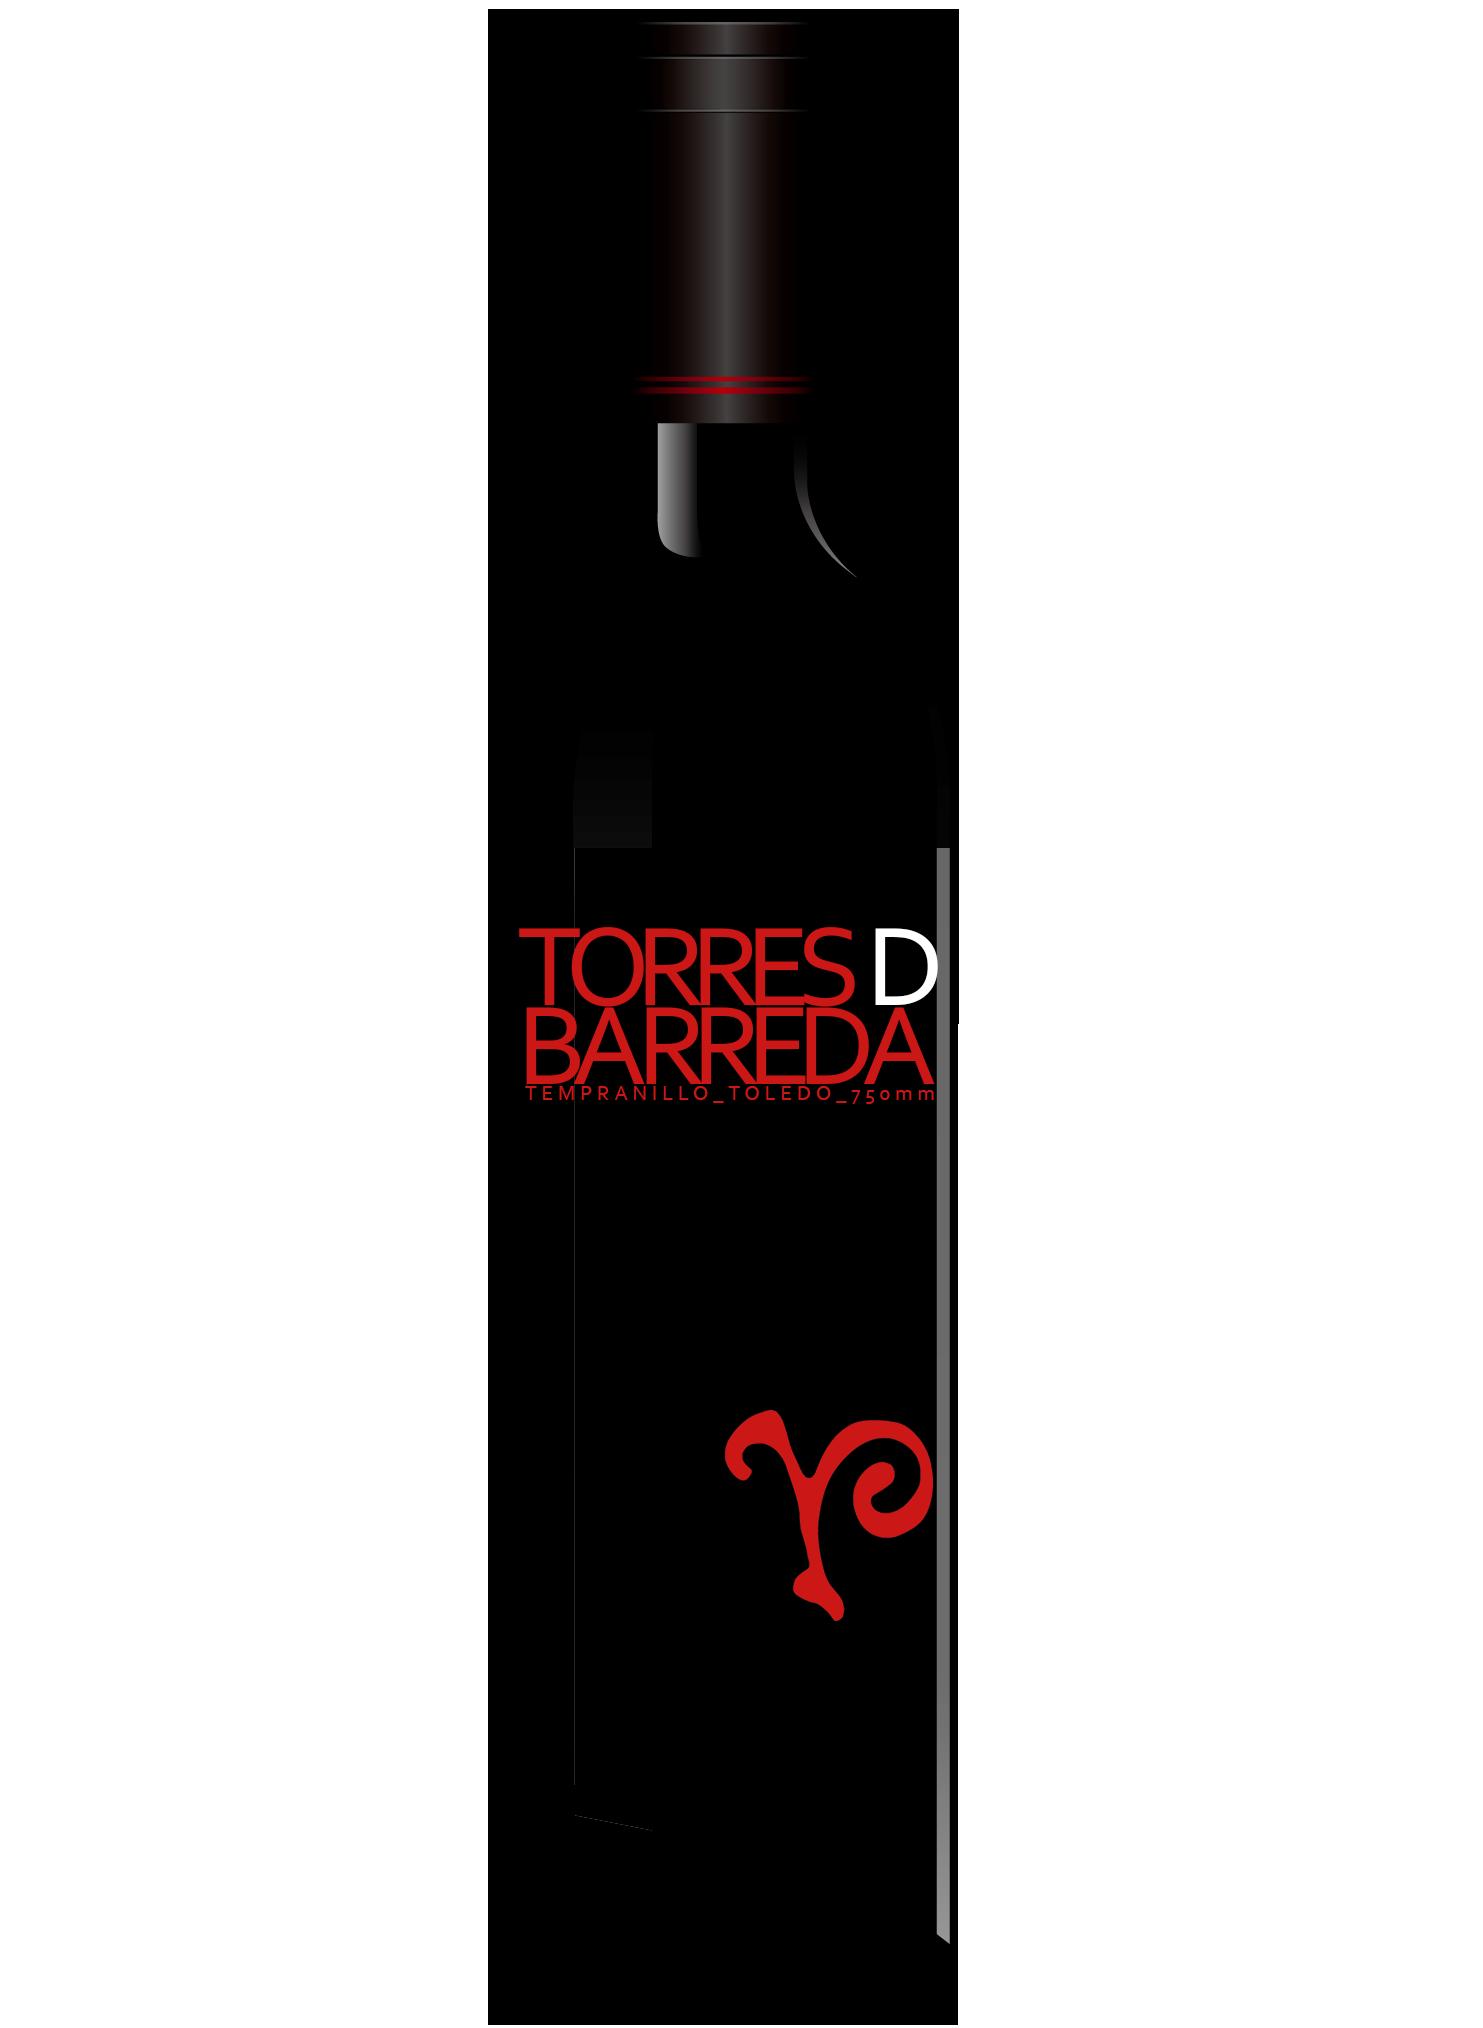 Botella_2_pablo_madrid_torres_de_barreda